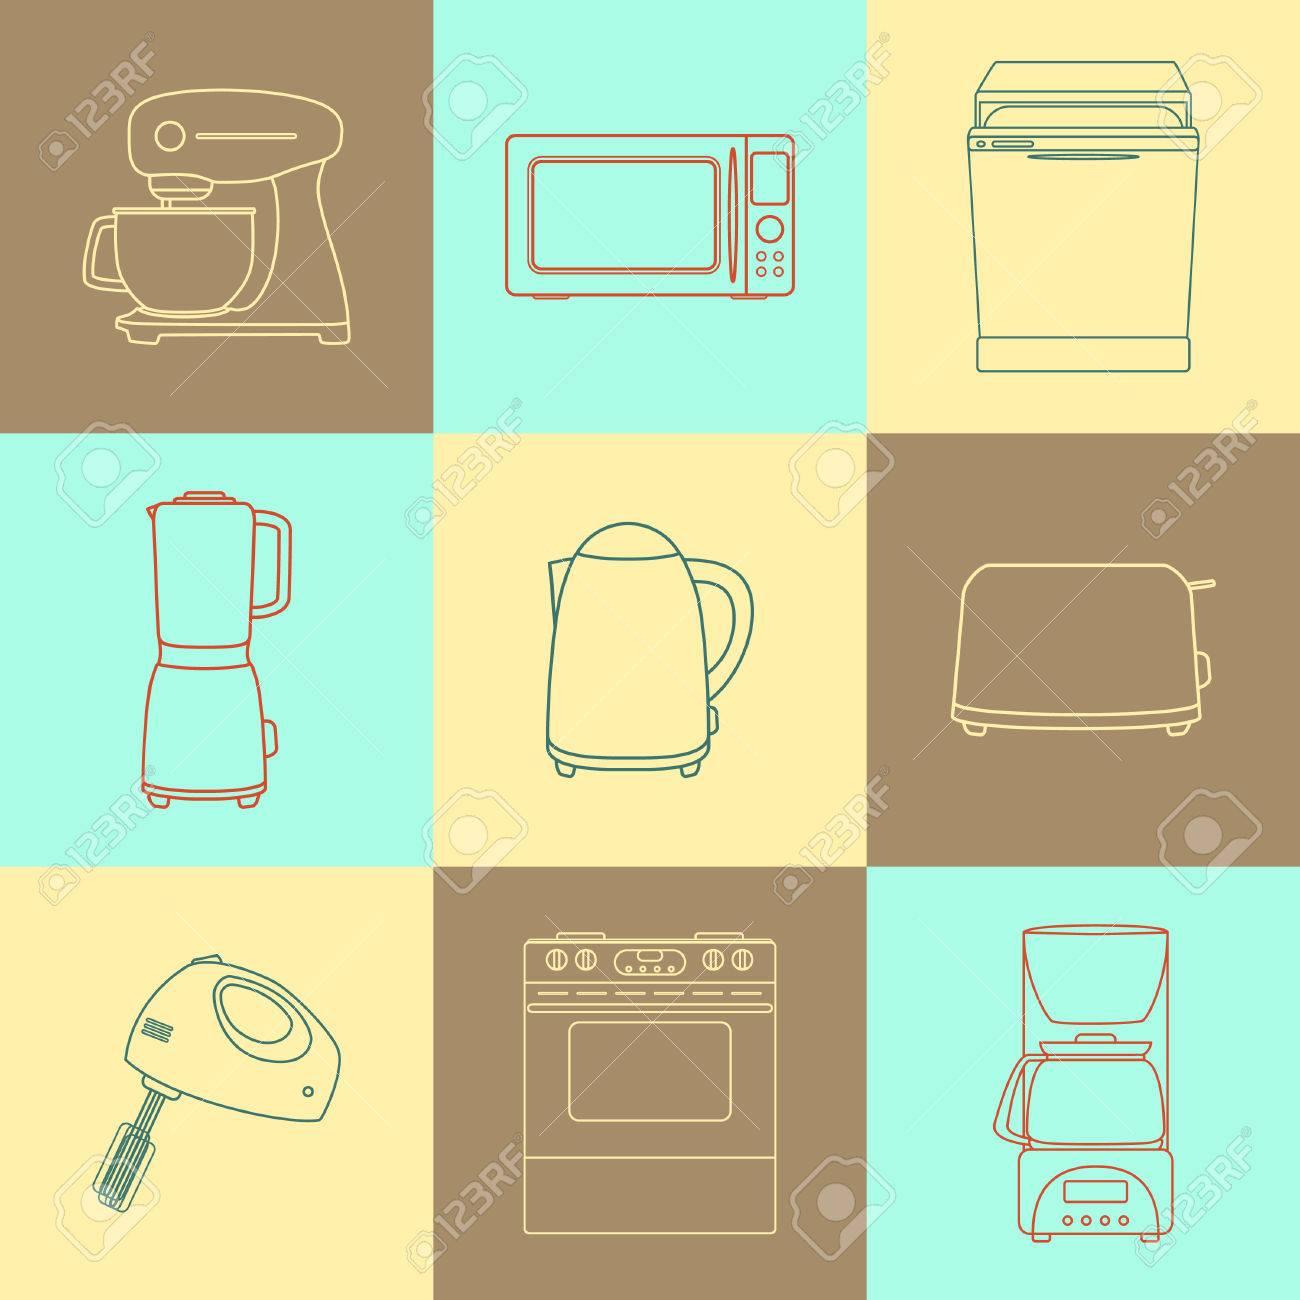 Conjunto De Iconos De Aparatos De Cocina. Cocine Colección ...